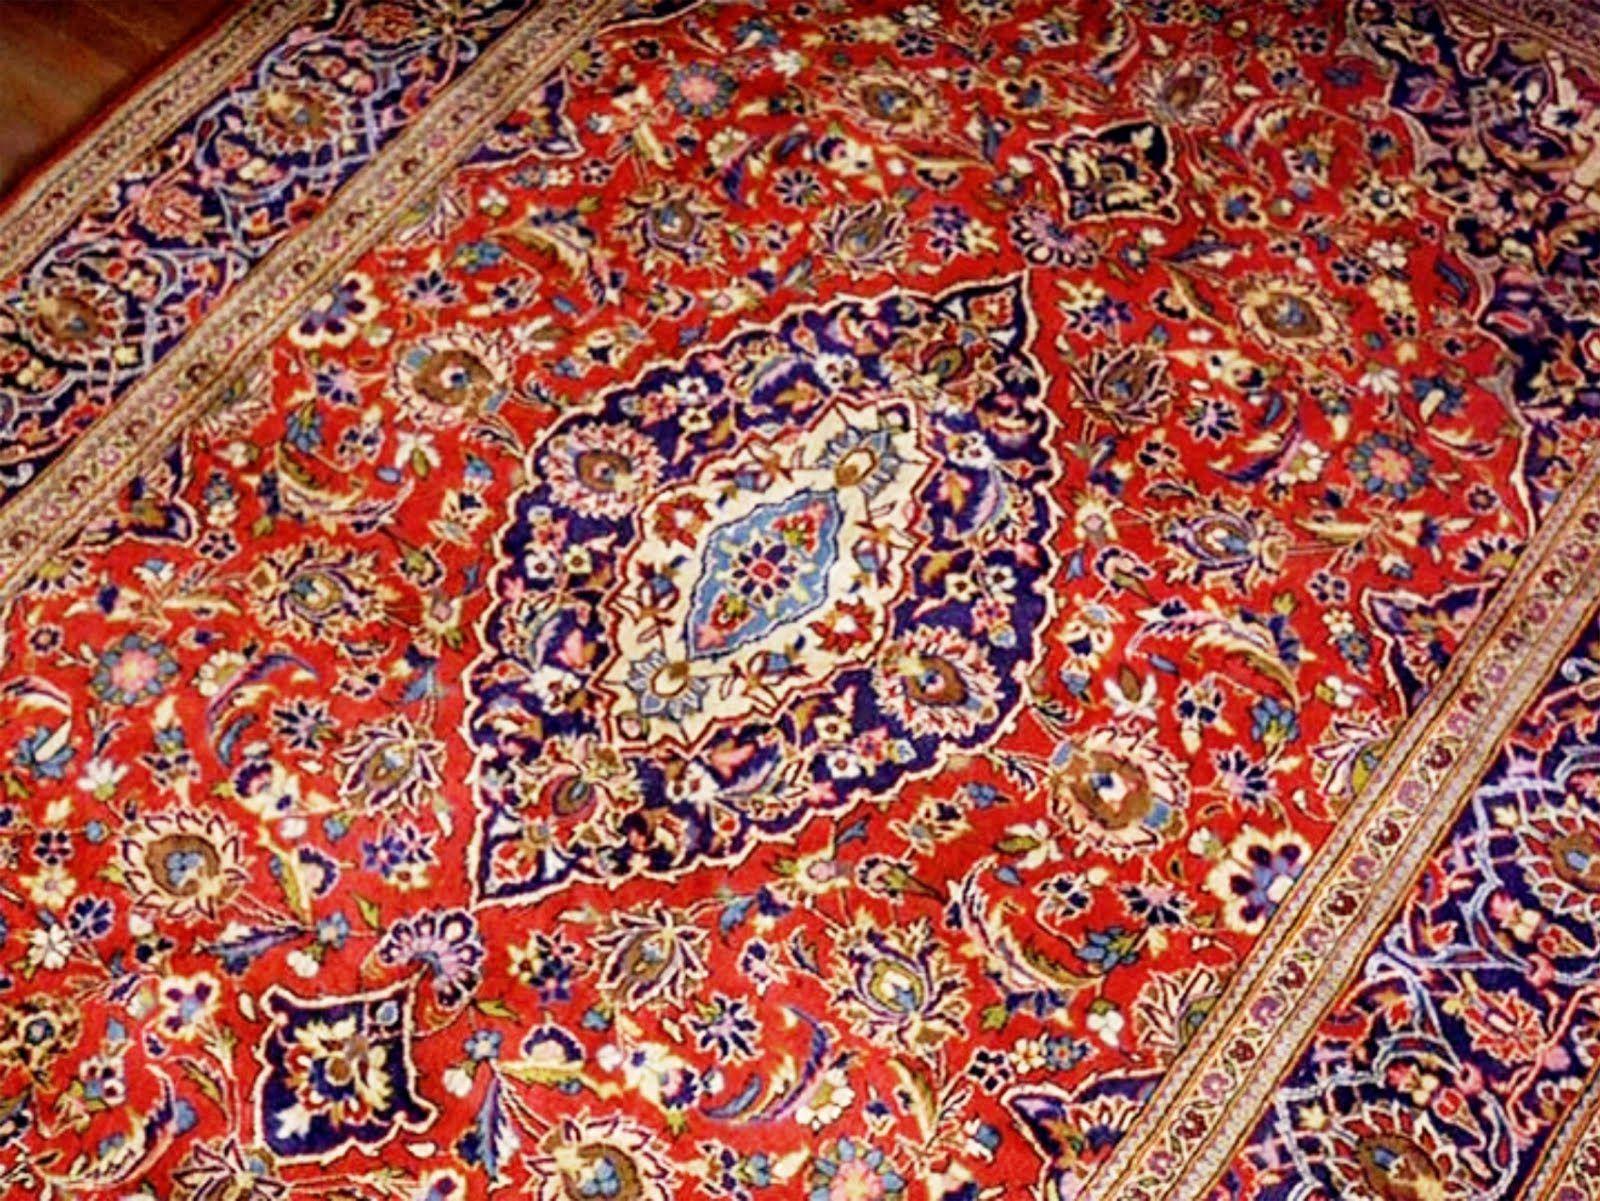 big lebowski carpet - Google Search   The big lebowski ...